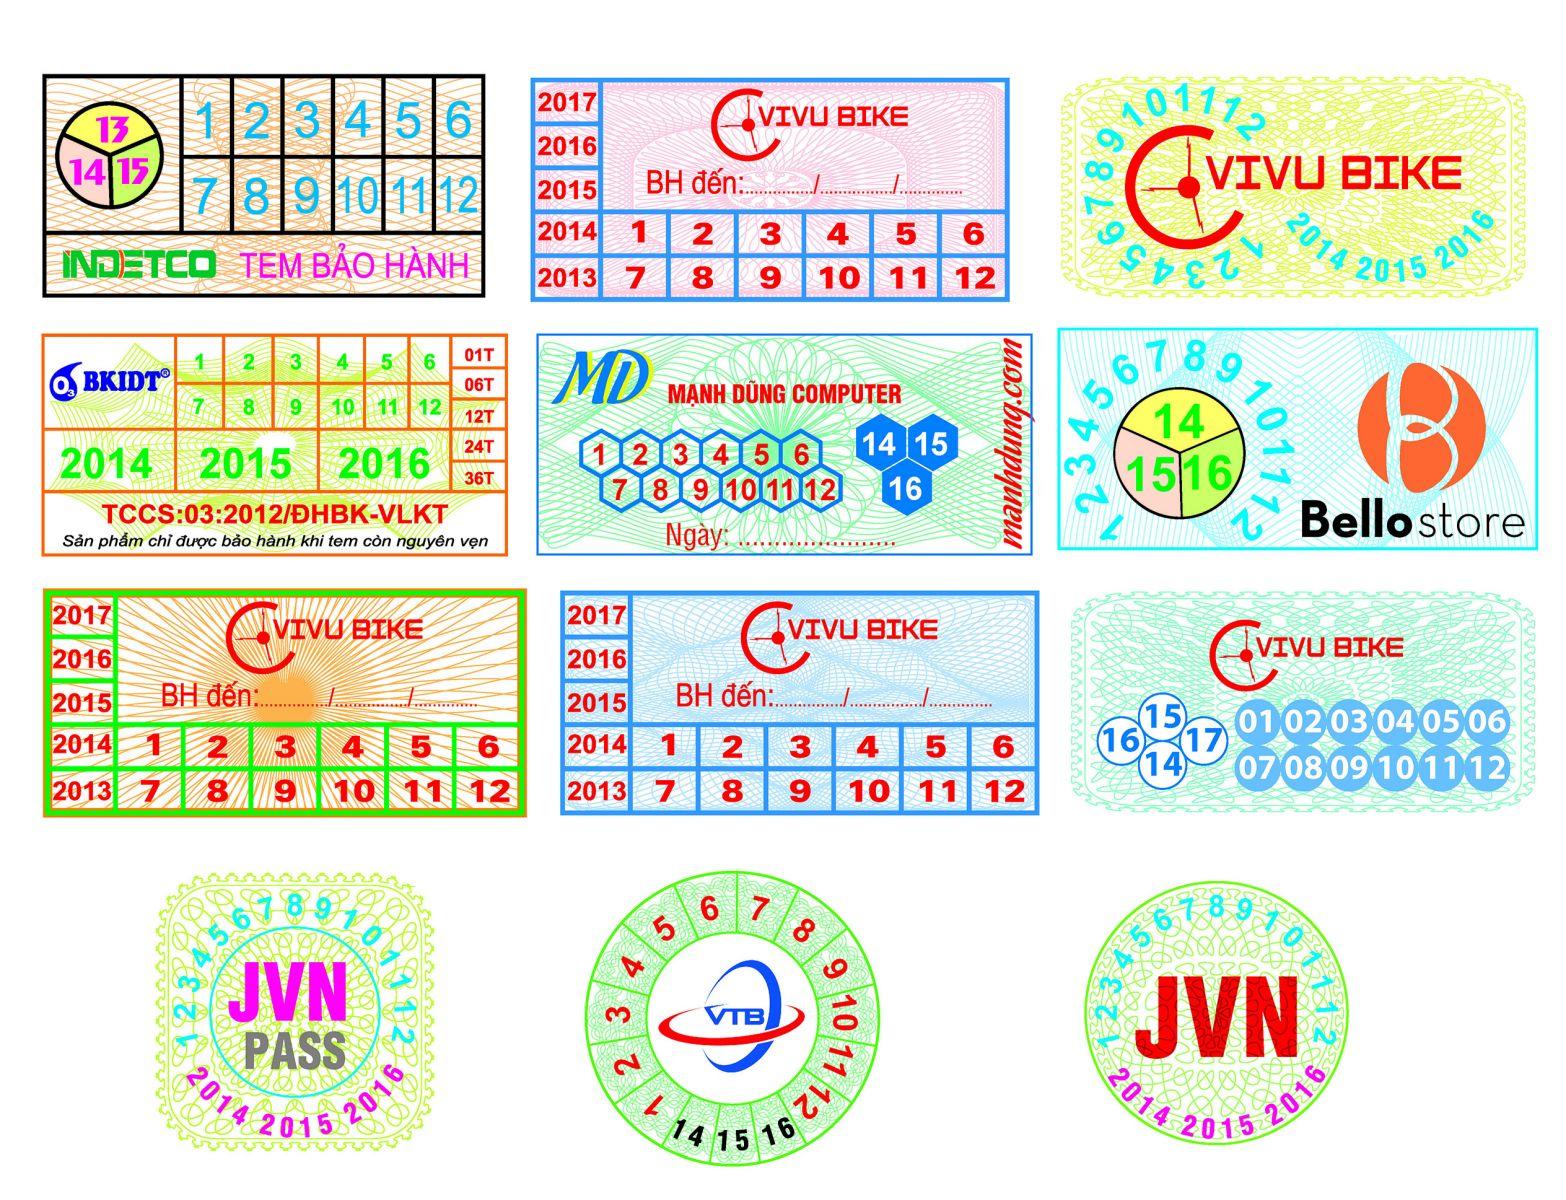 Nội dung thiết kế trên tem bảo hành cần hợp lý